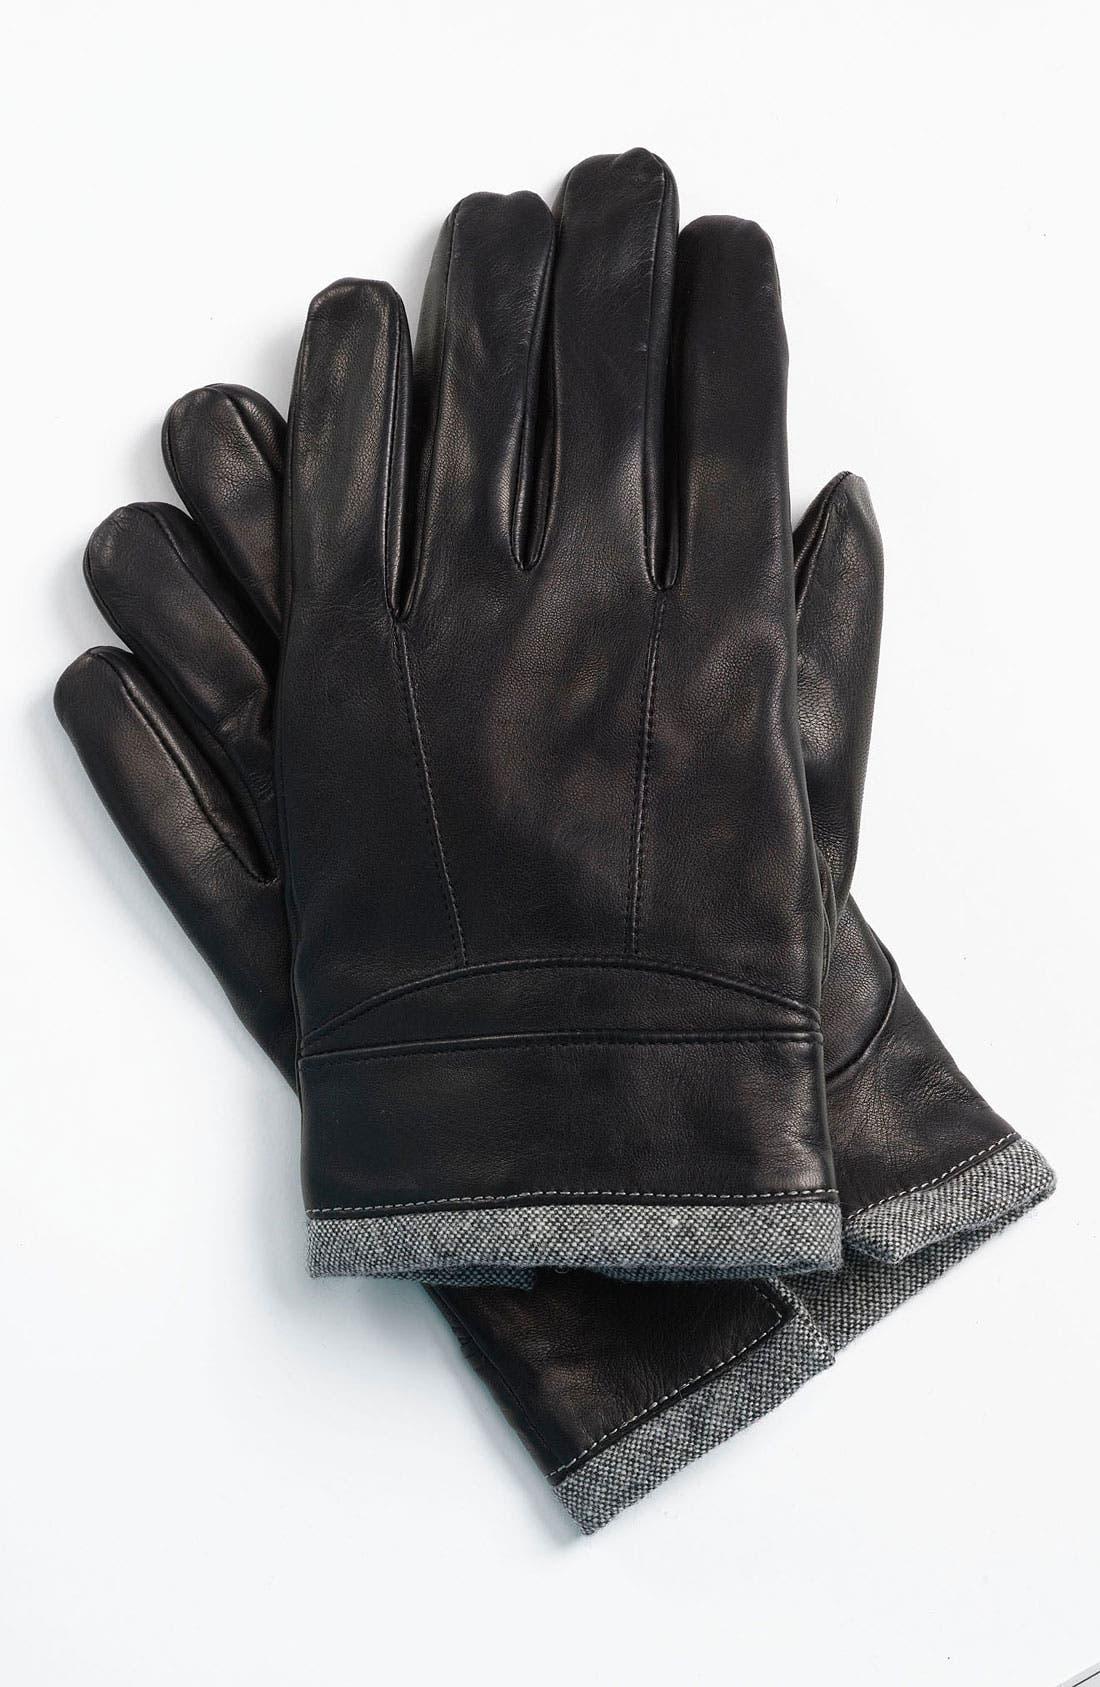 Alternate Image 1 Selected - BOSS Black 'Hentom' Leather Gloves